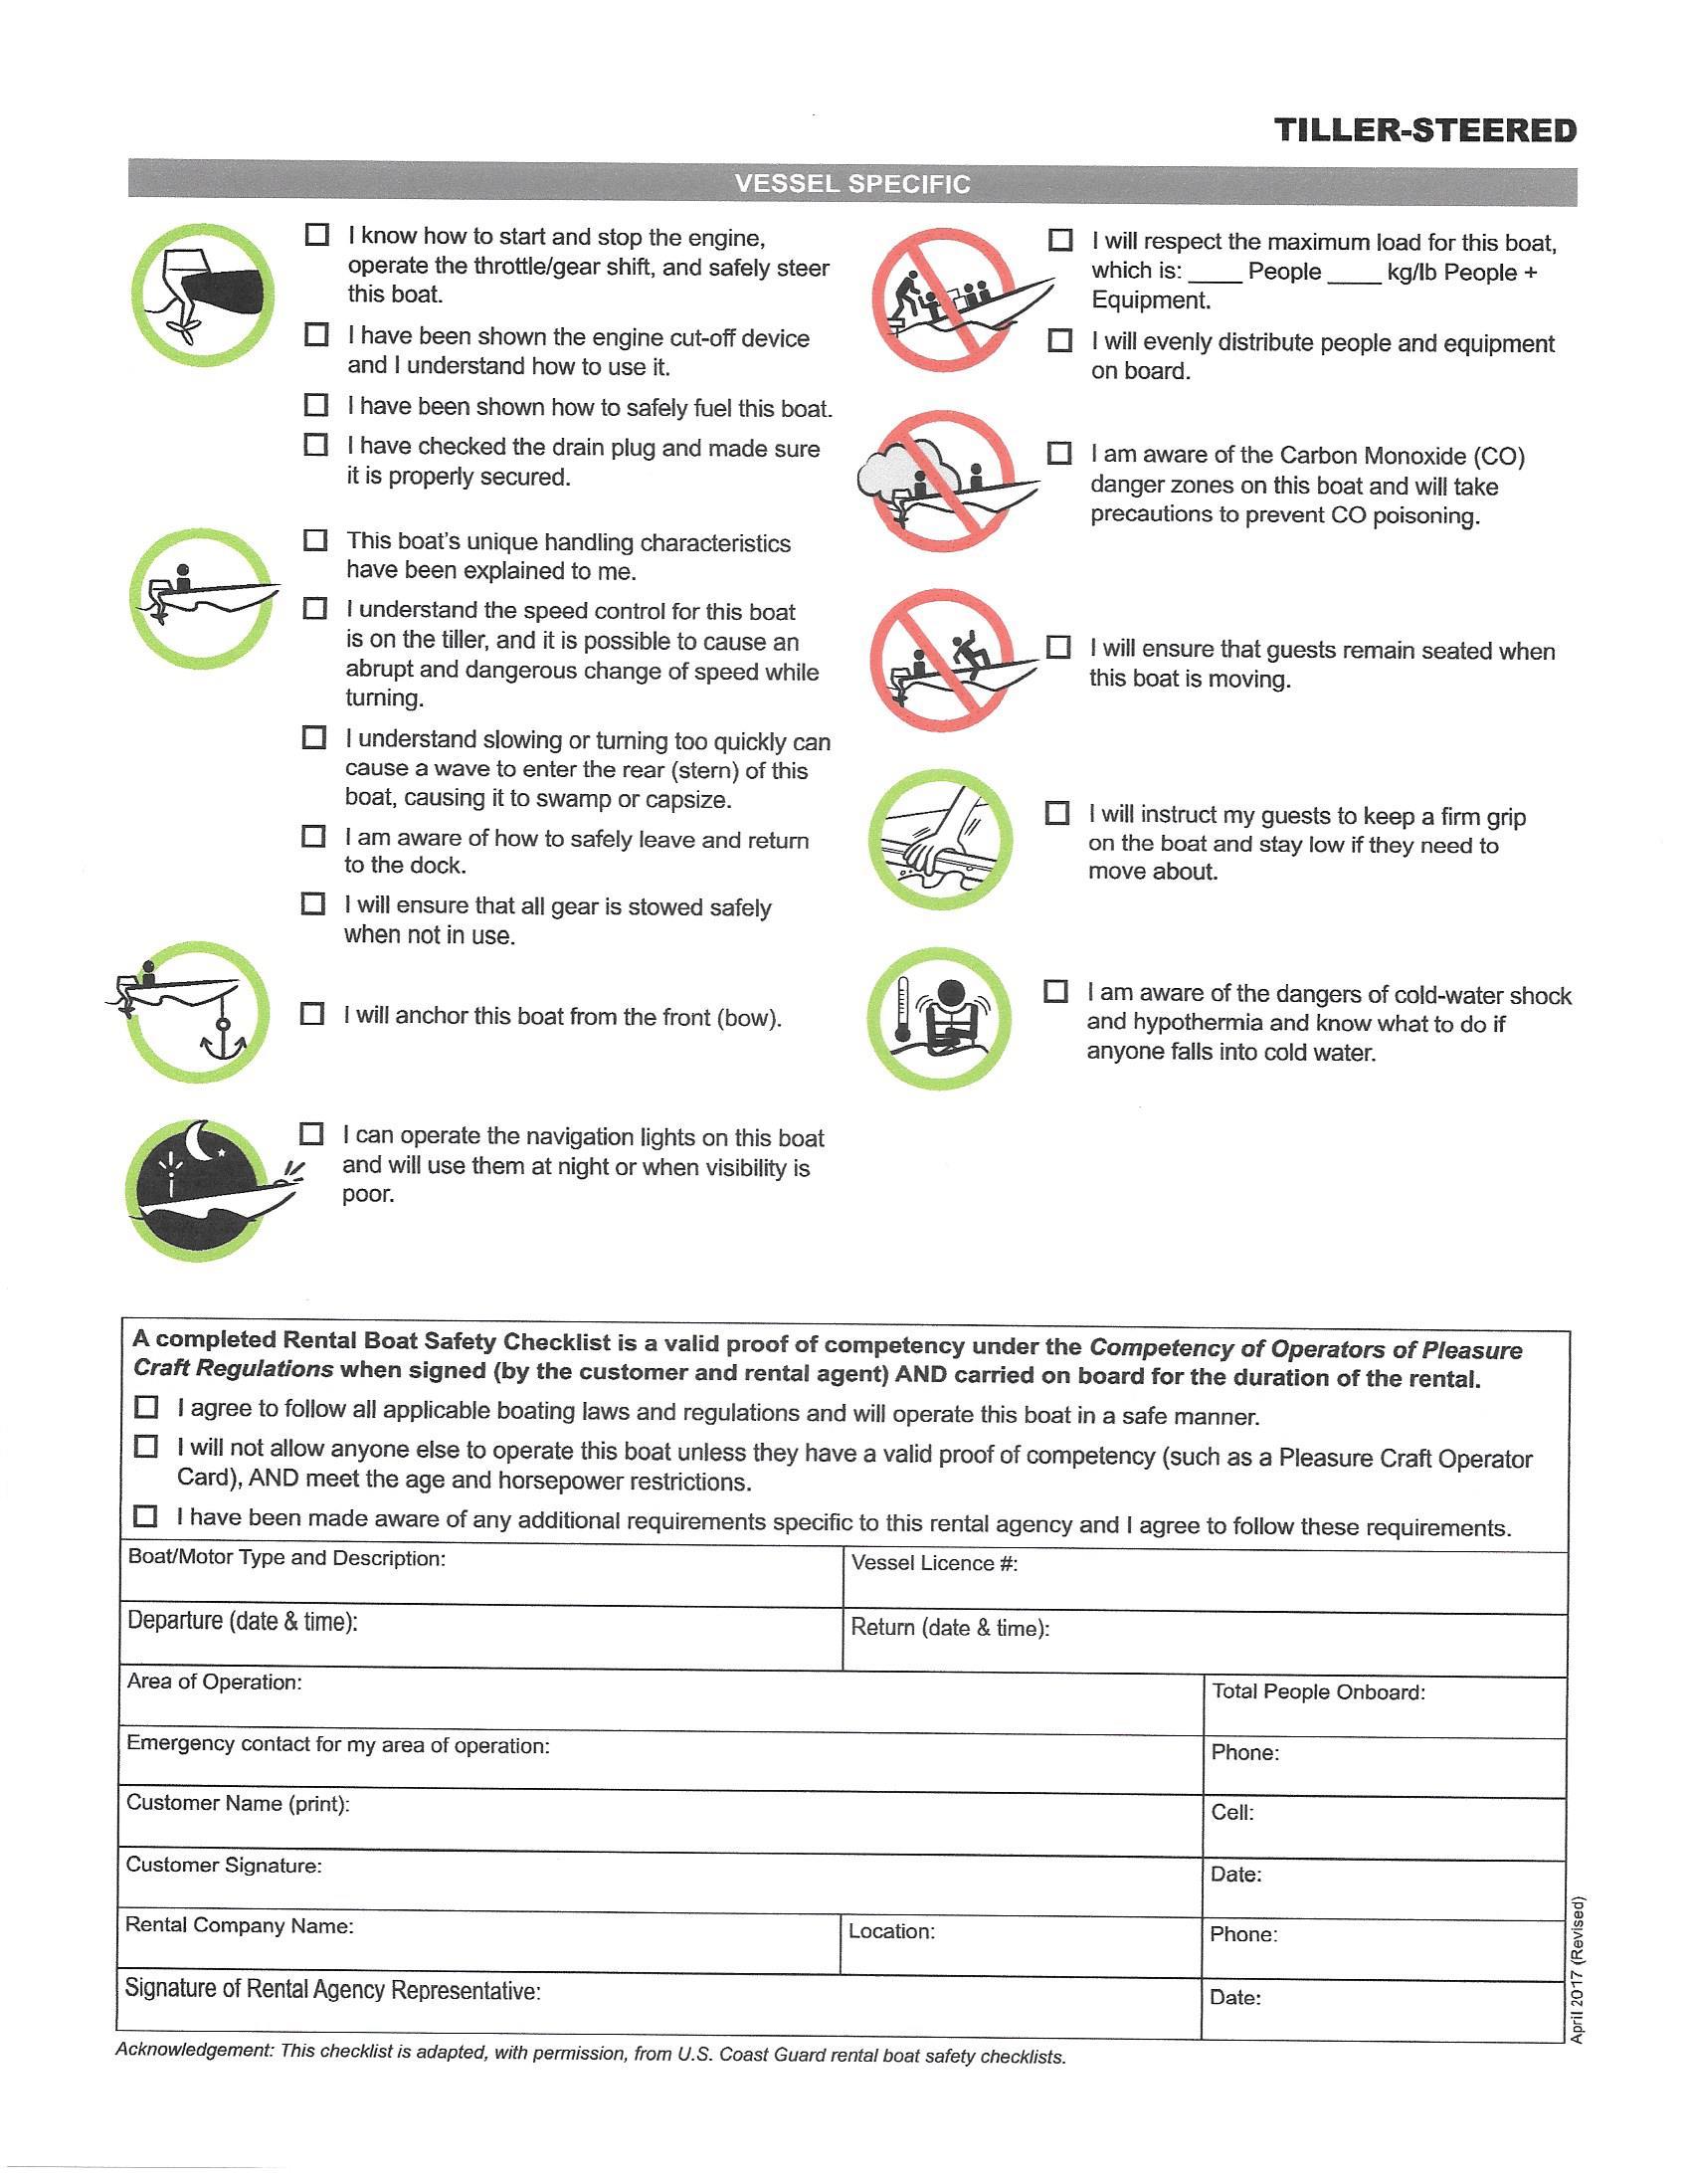 Rental Boat Safety Checklist-Tiller Steered-for website0002.jpg